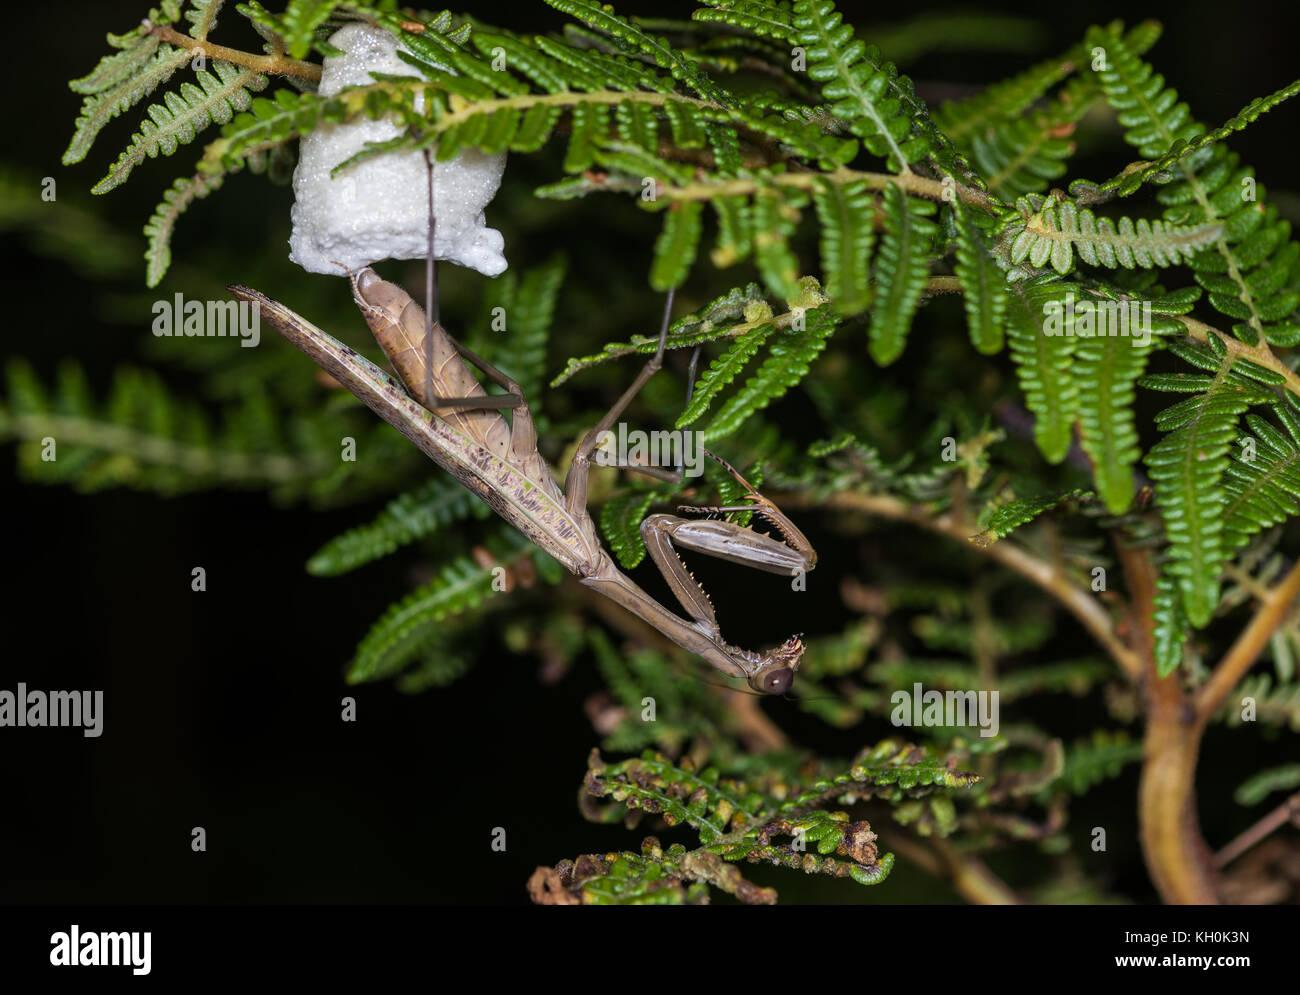 Eine Beute mantis Festlegung Ei in weißer Schaum für Schutz. Madagaskar, Afrika Stockbild